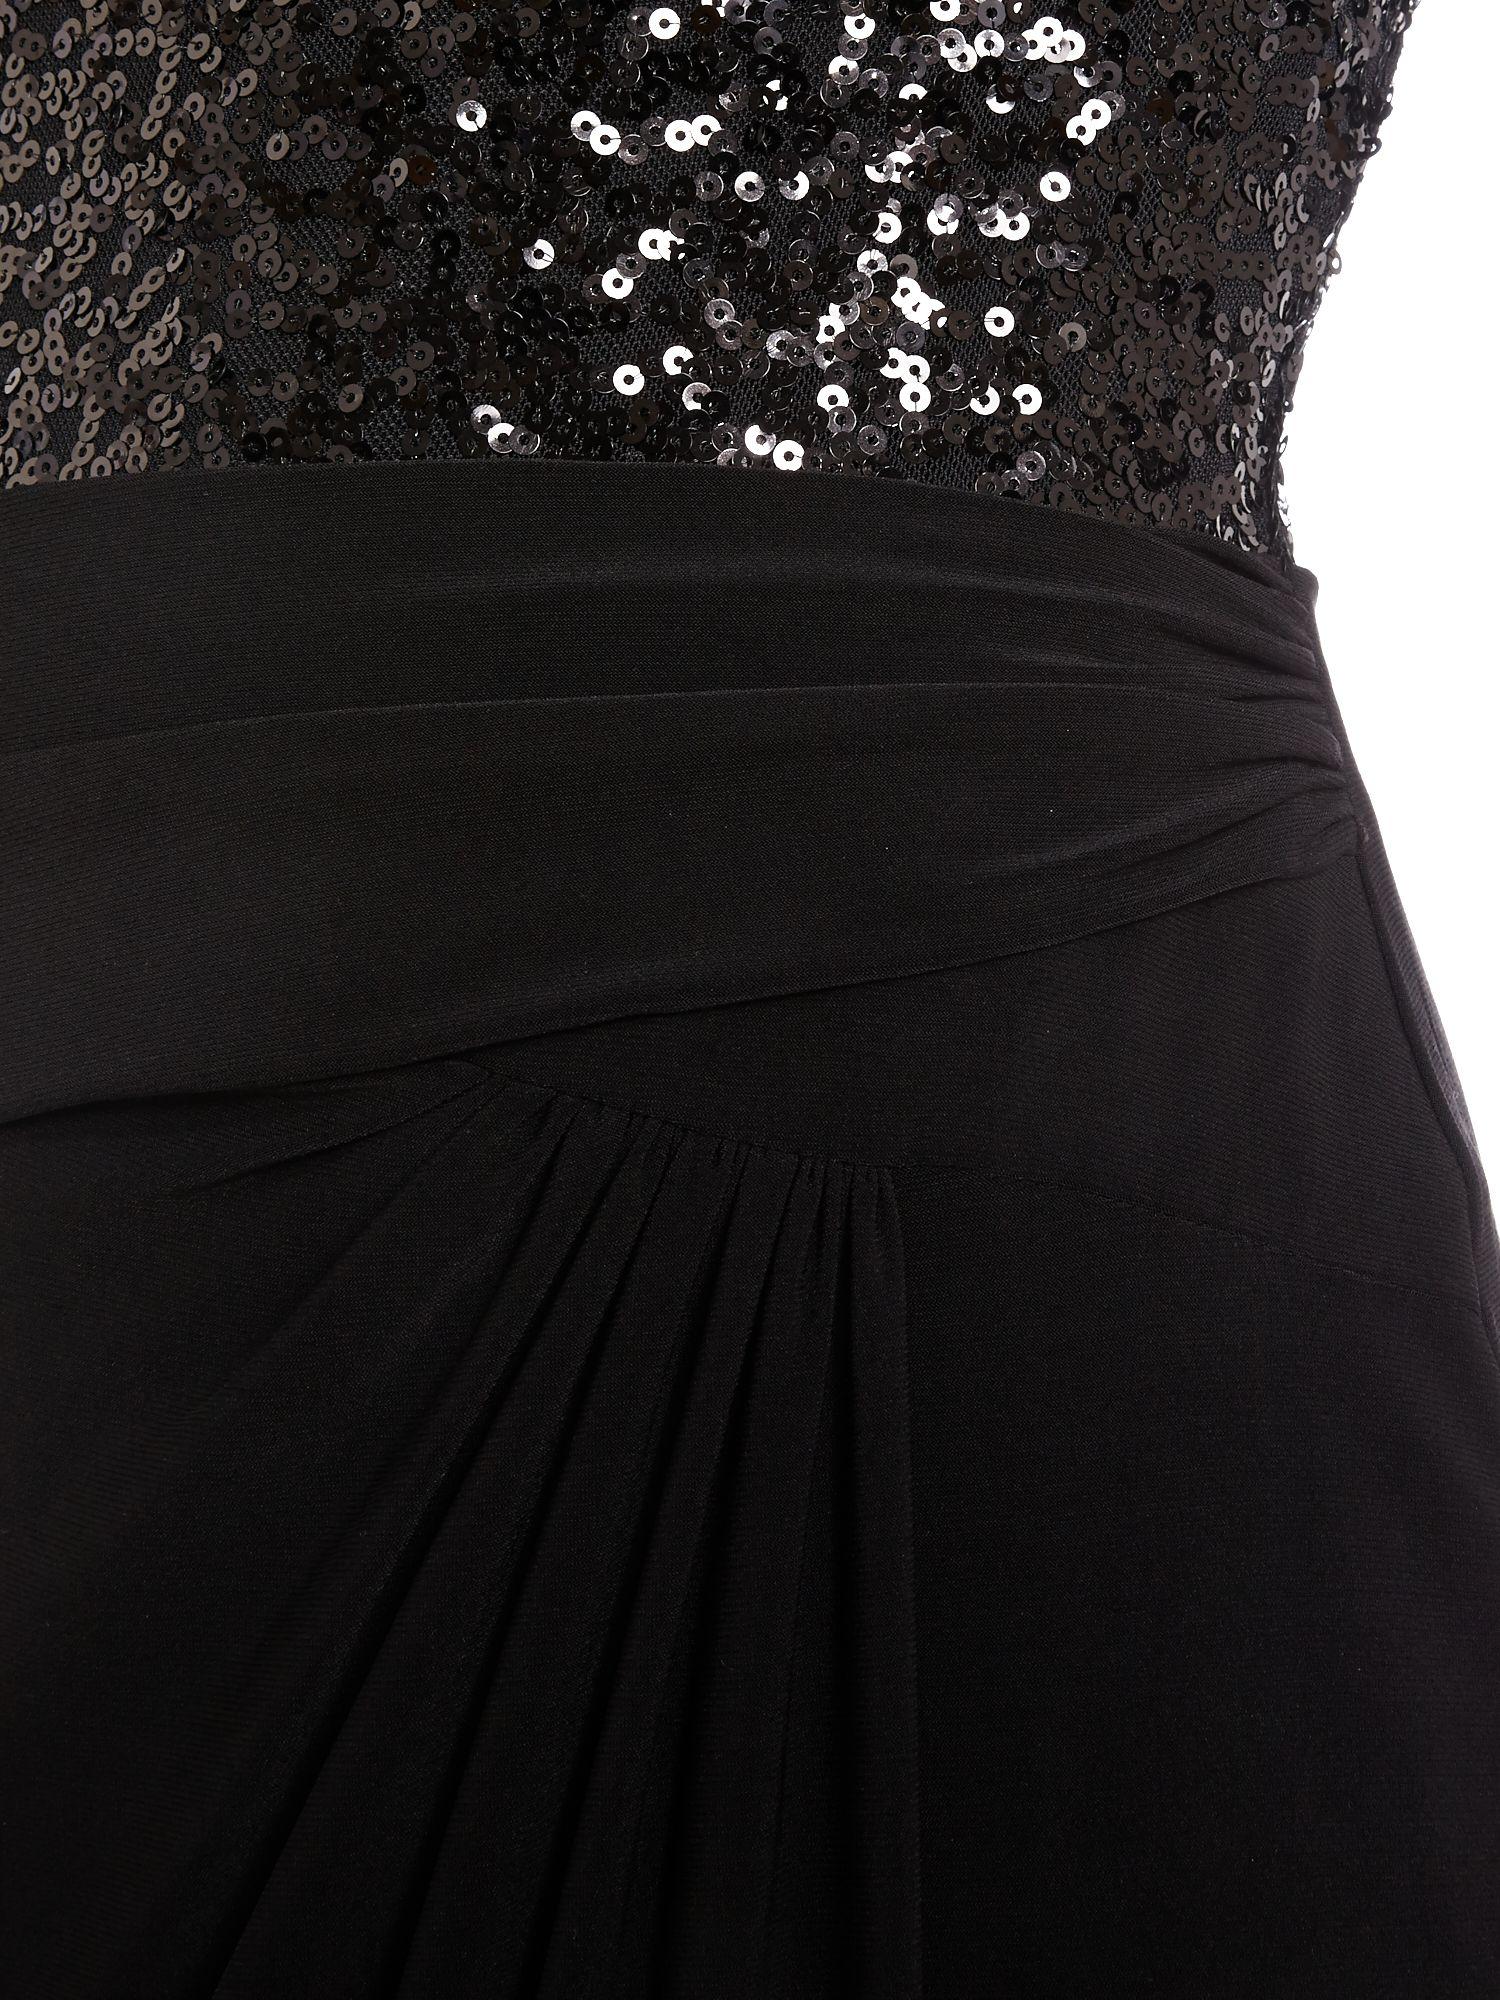 Famous Ralph Lauren Bateau Neck Sequin Lace Gown Composition ...